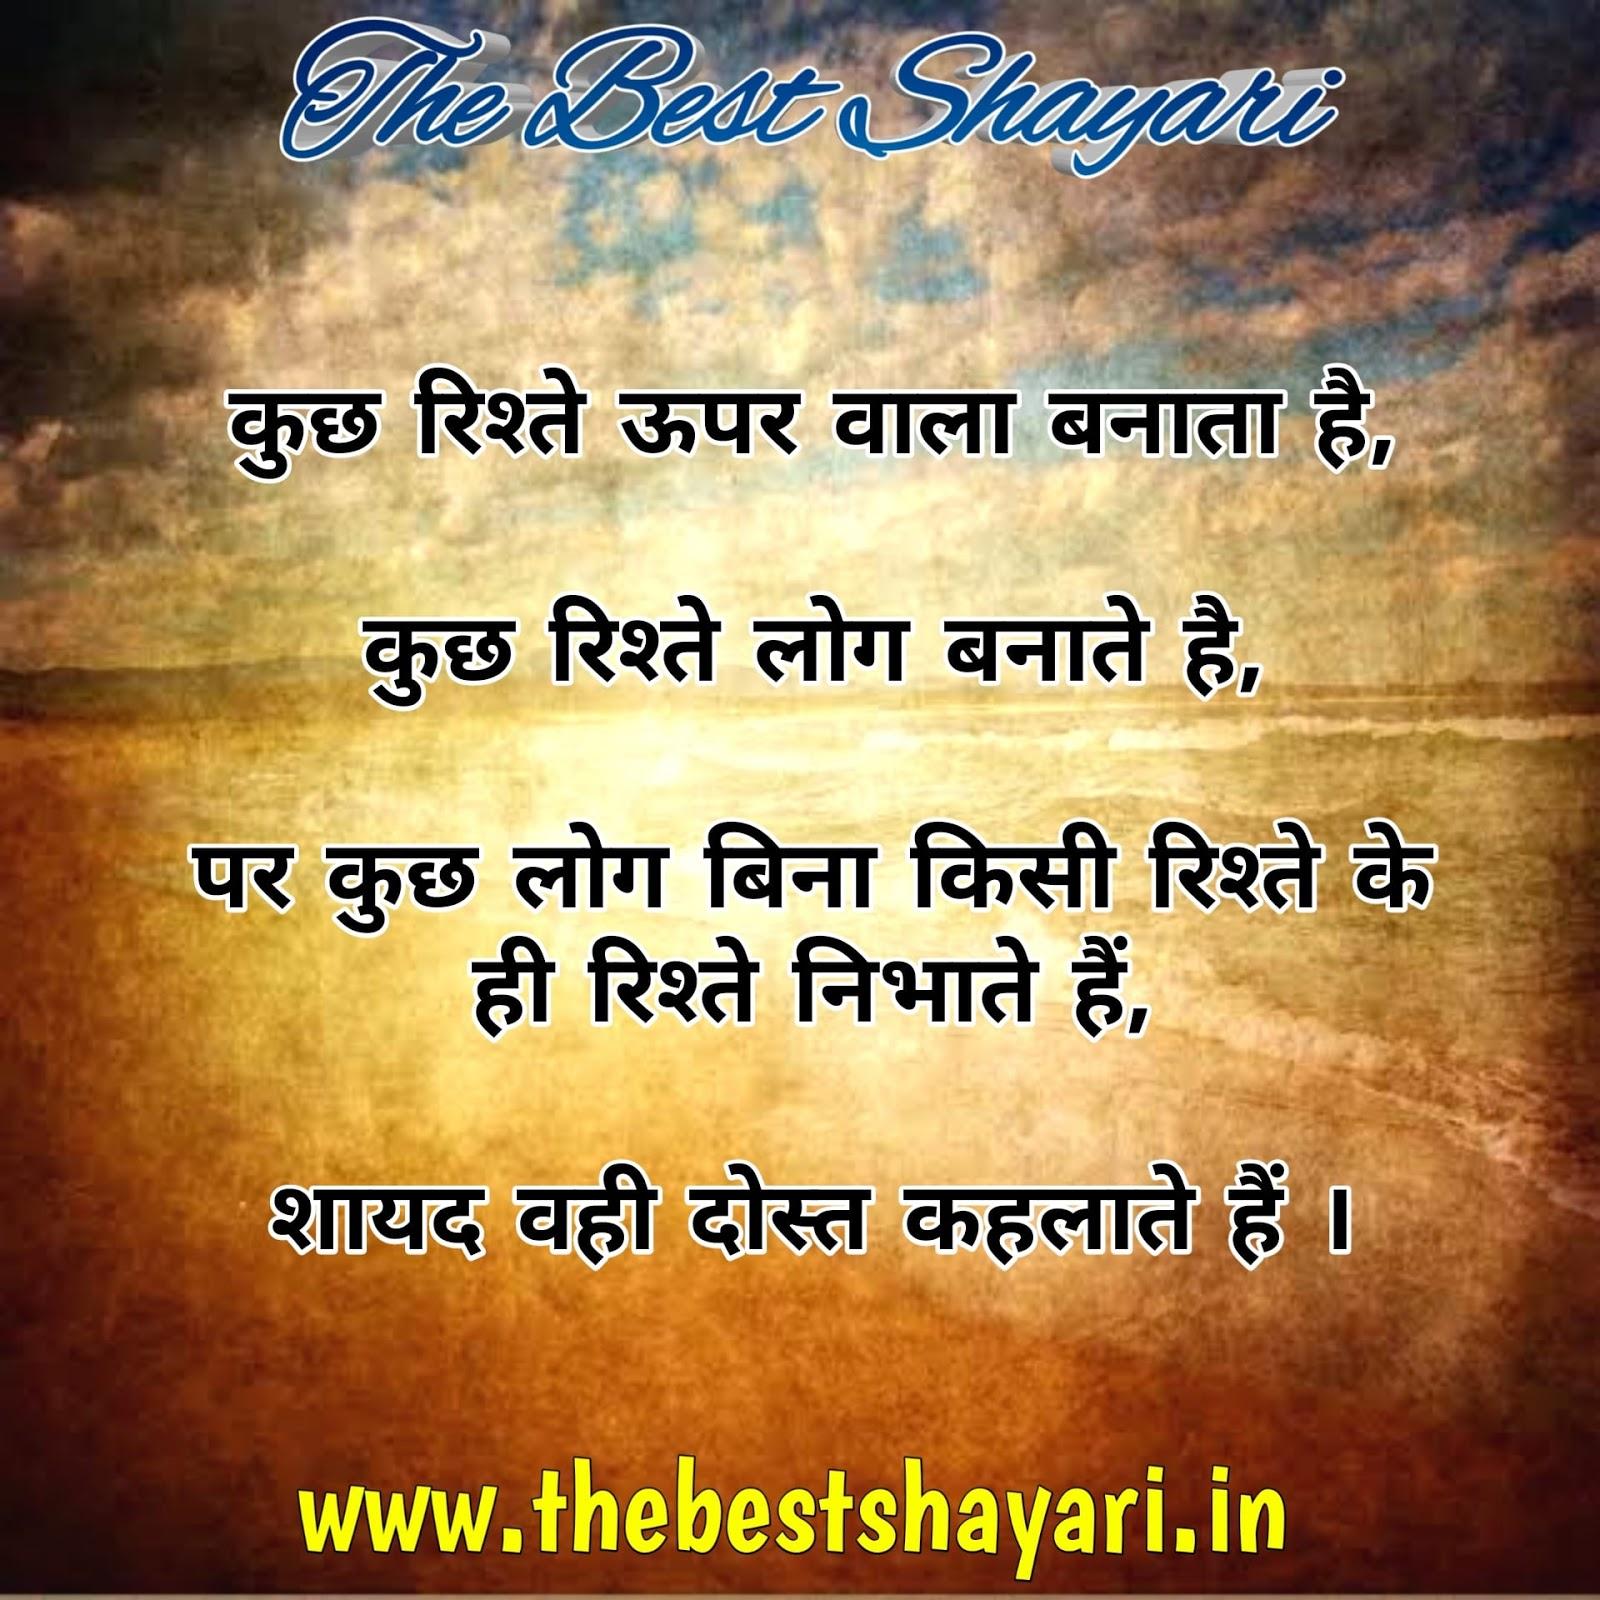 Dosti poem in hindi font